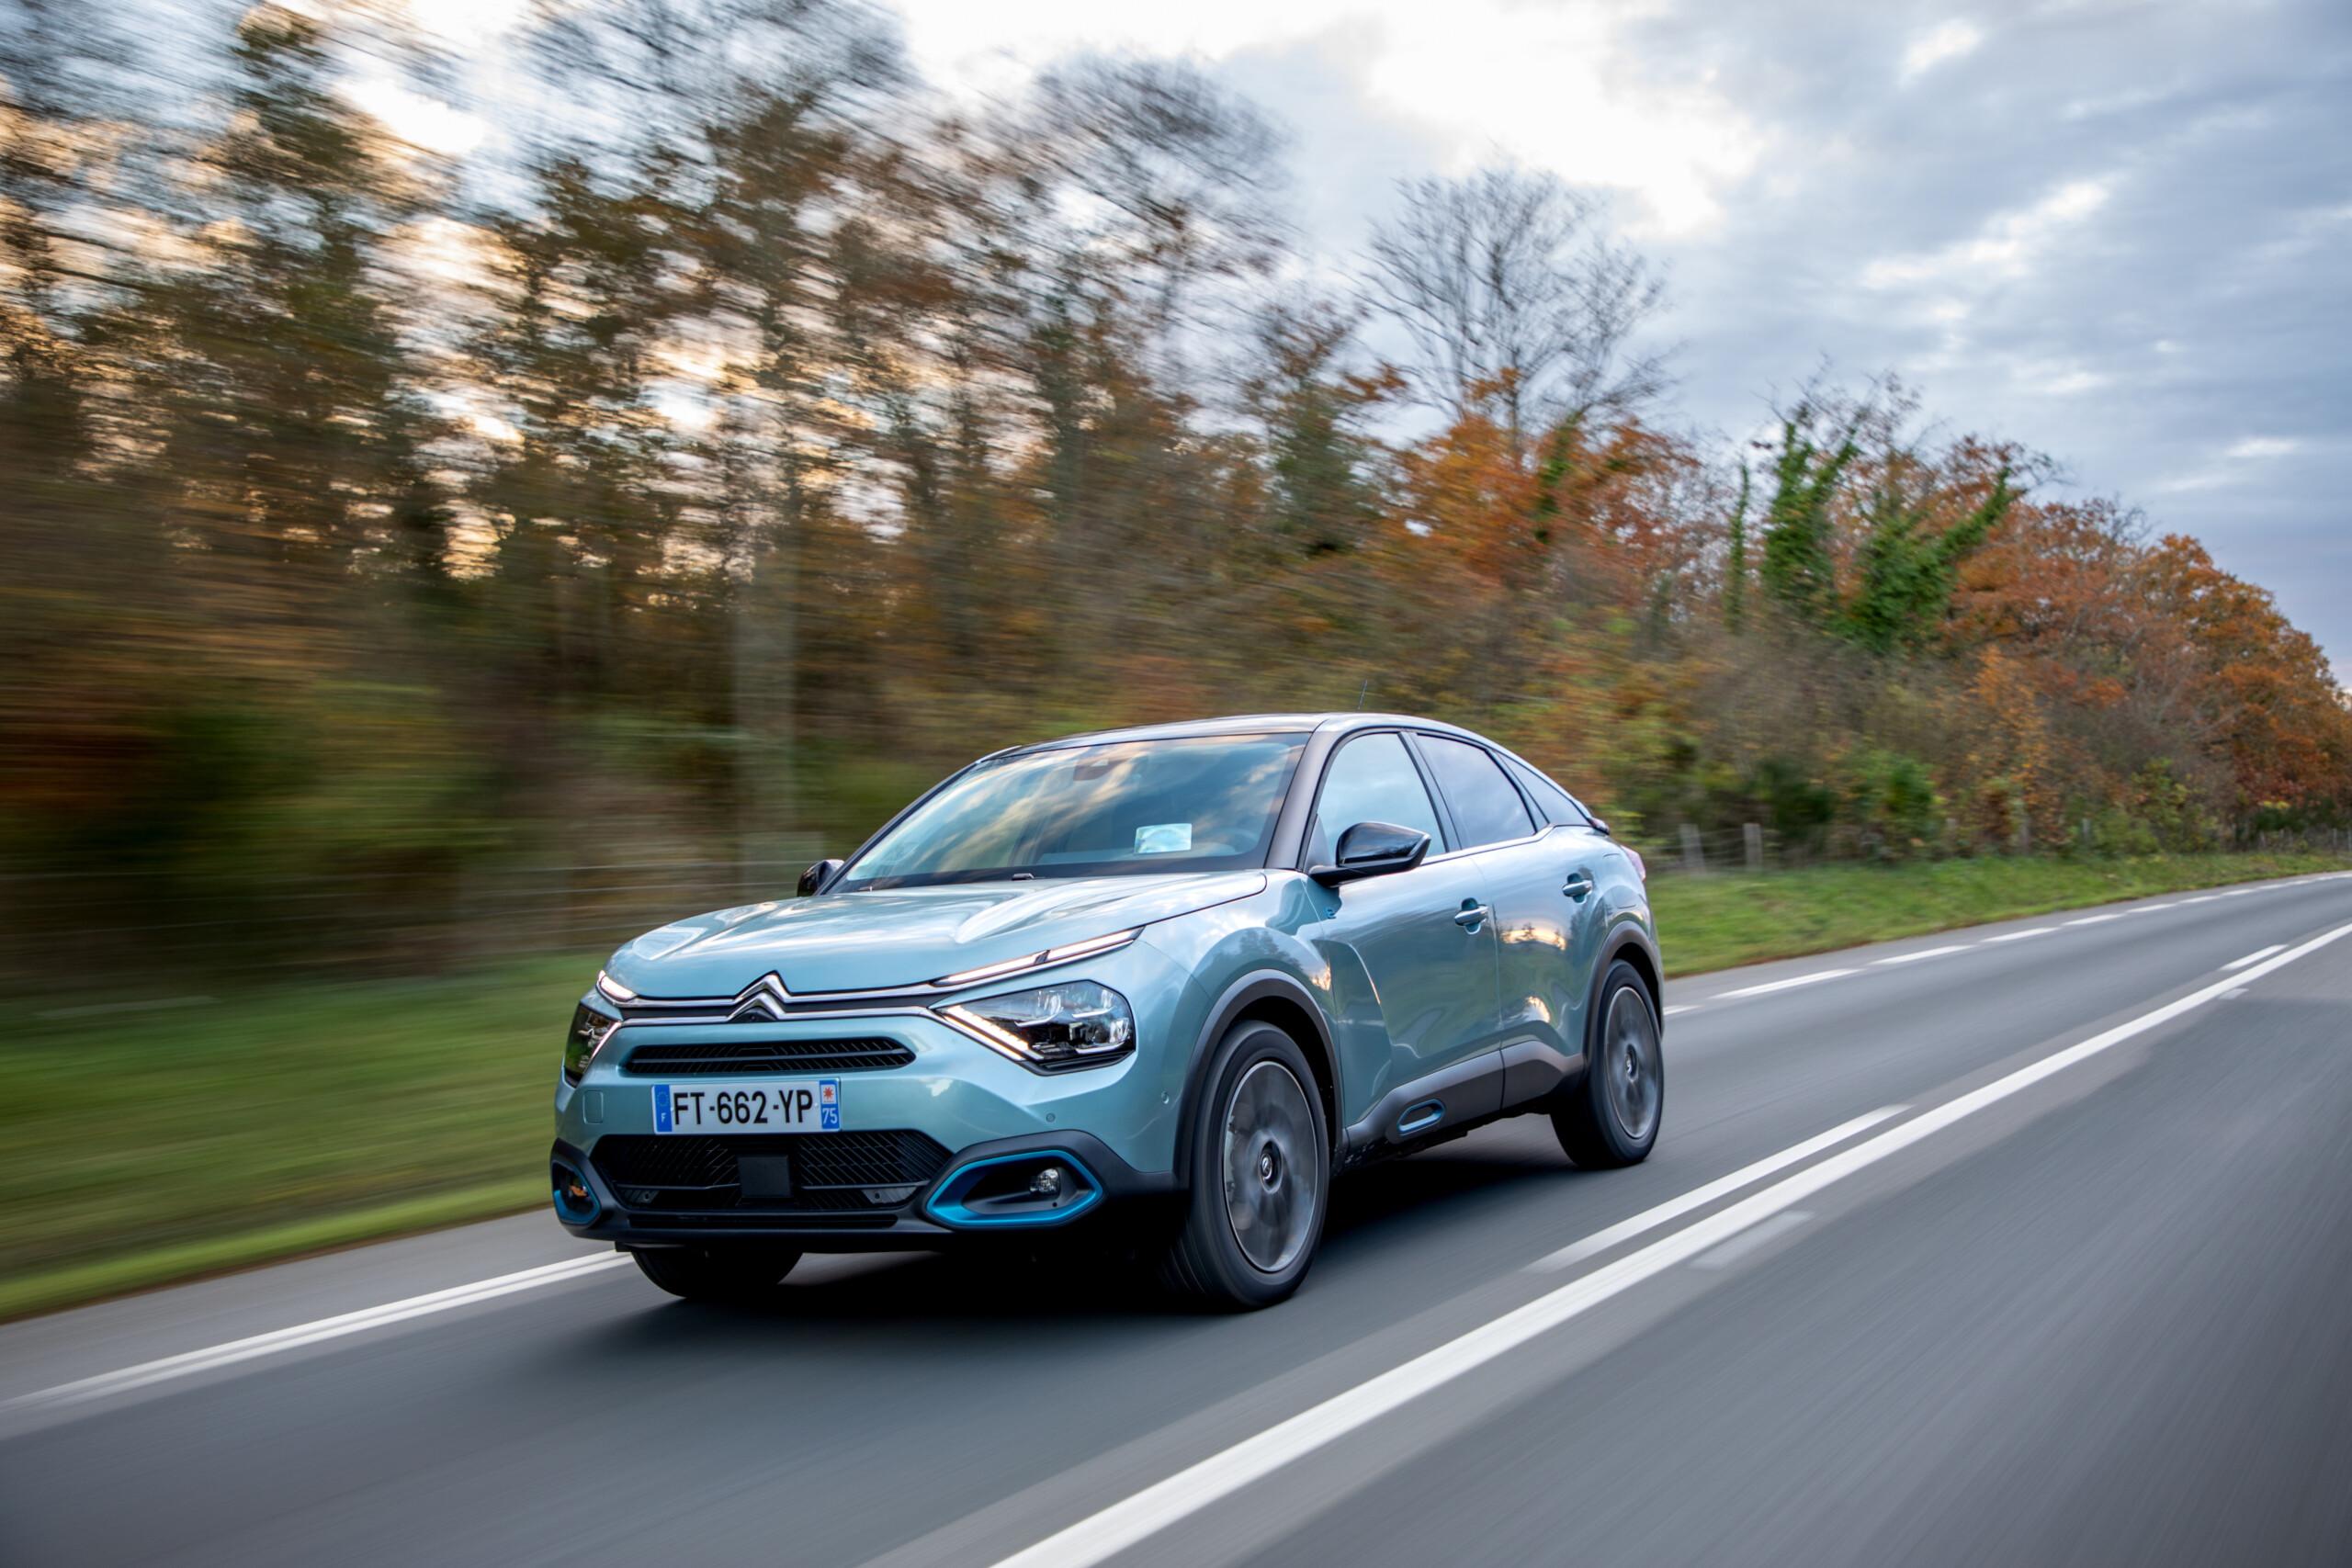 Essai de la Citroënë-C4: la plus confortable des voitures électriques?